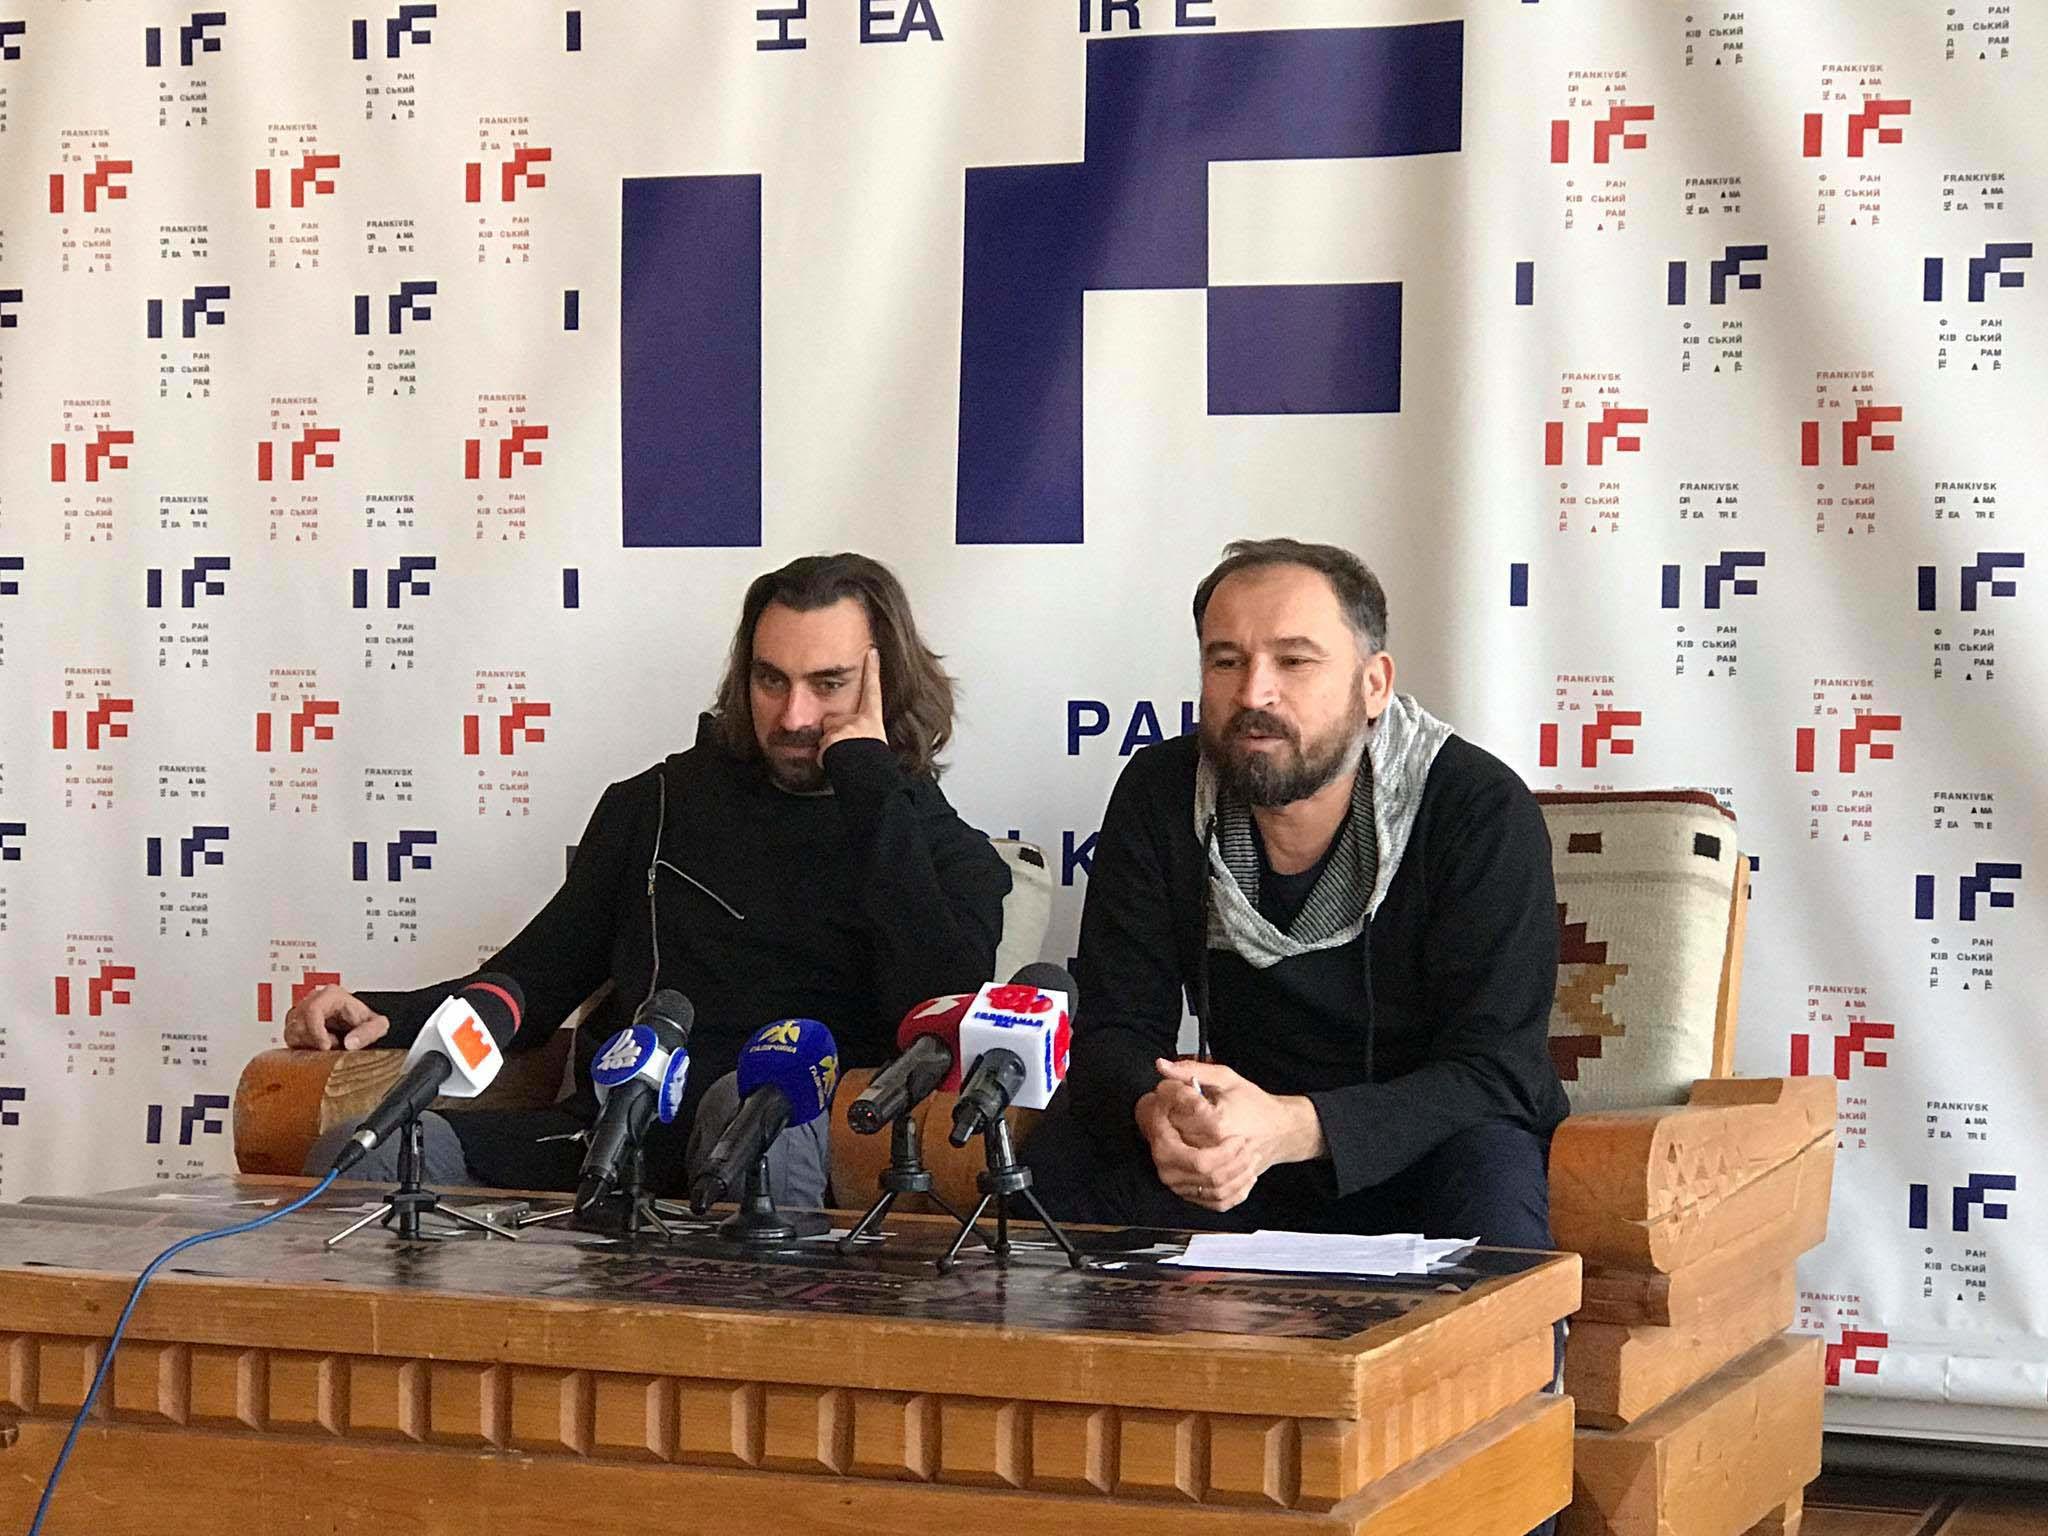 Естетика Давньої Греції: франківський драмтеатр кличе на прем'єру трагедії «Едіп» (ФОТО)